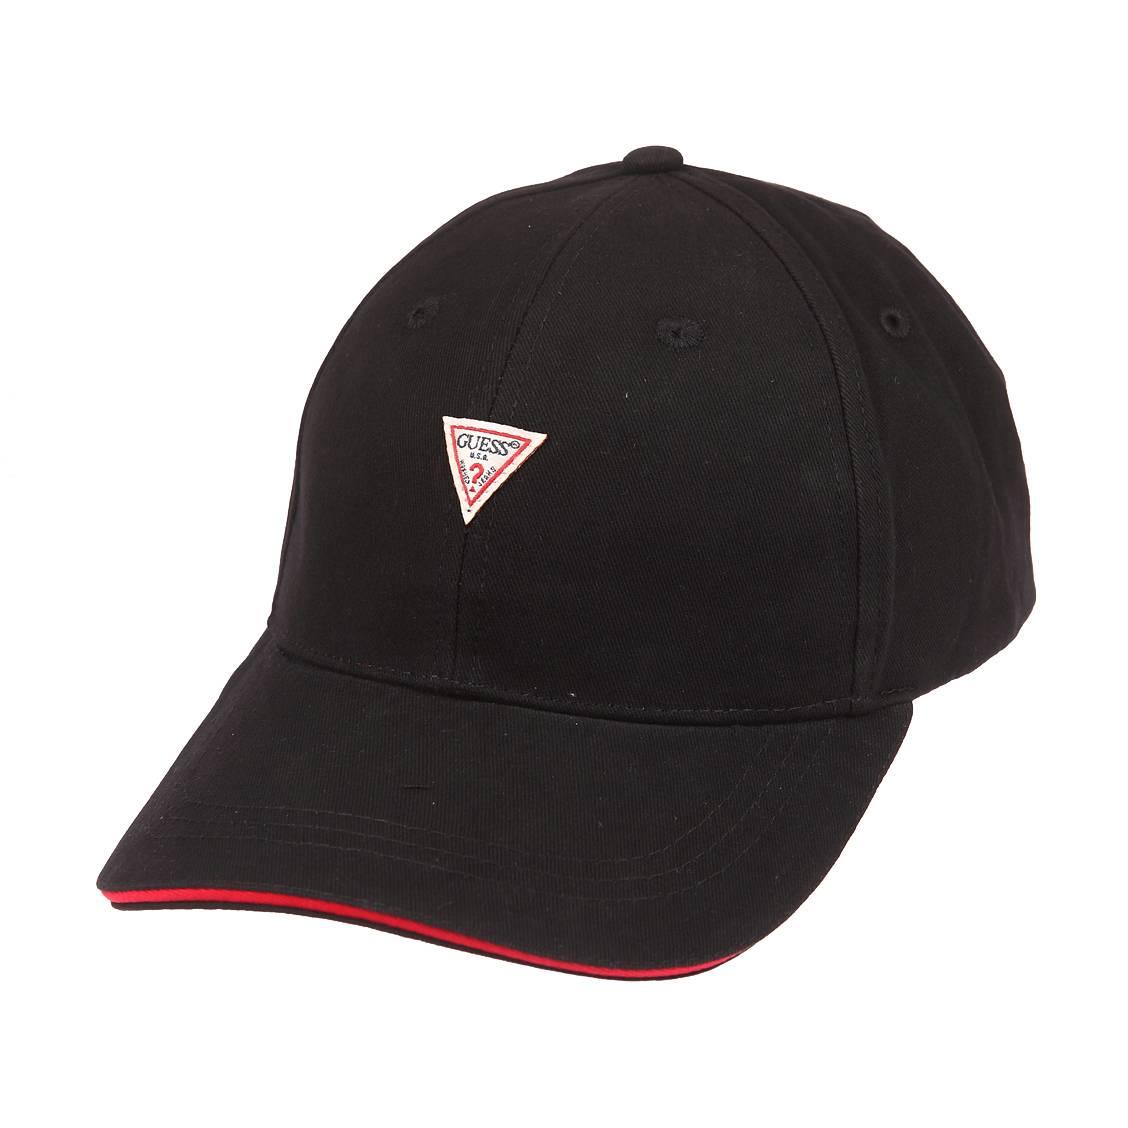 Casquette guess baseball original en coton noir à liseré rouge sur la visière